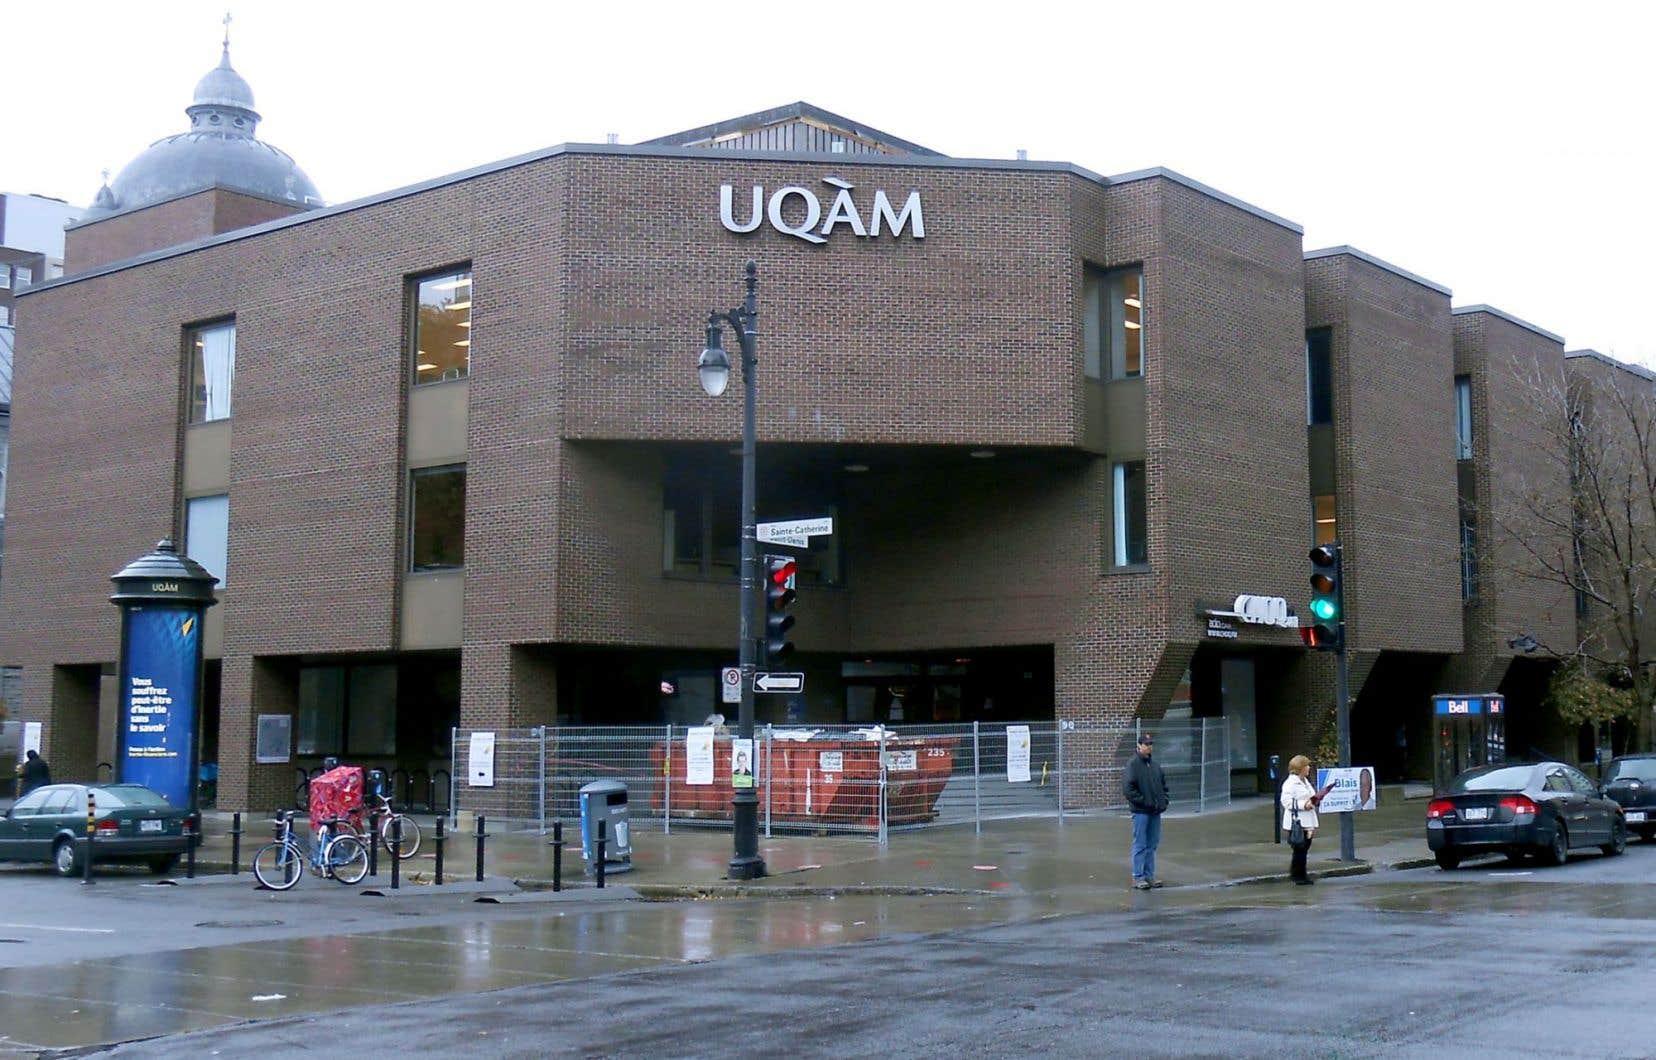 L'étudiant en droit enjoint l'UQAM à respecter son droit d'assister à ses cours et de bénéficier d'un environnement d'apprentissage sain et sécuritaire.